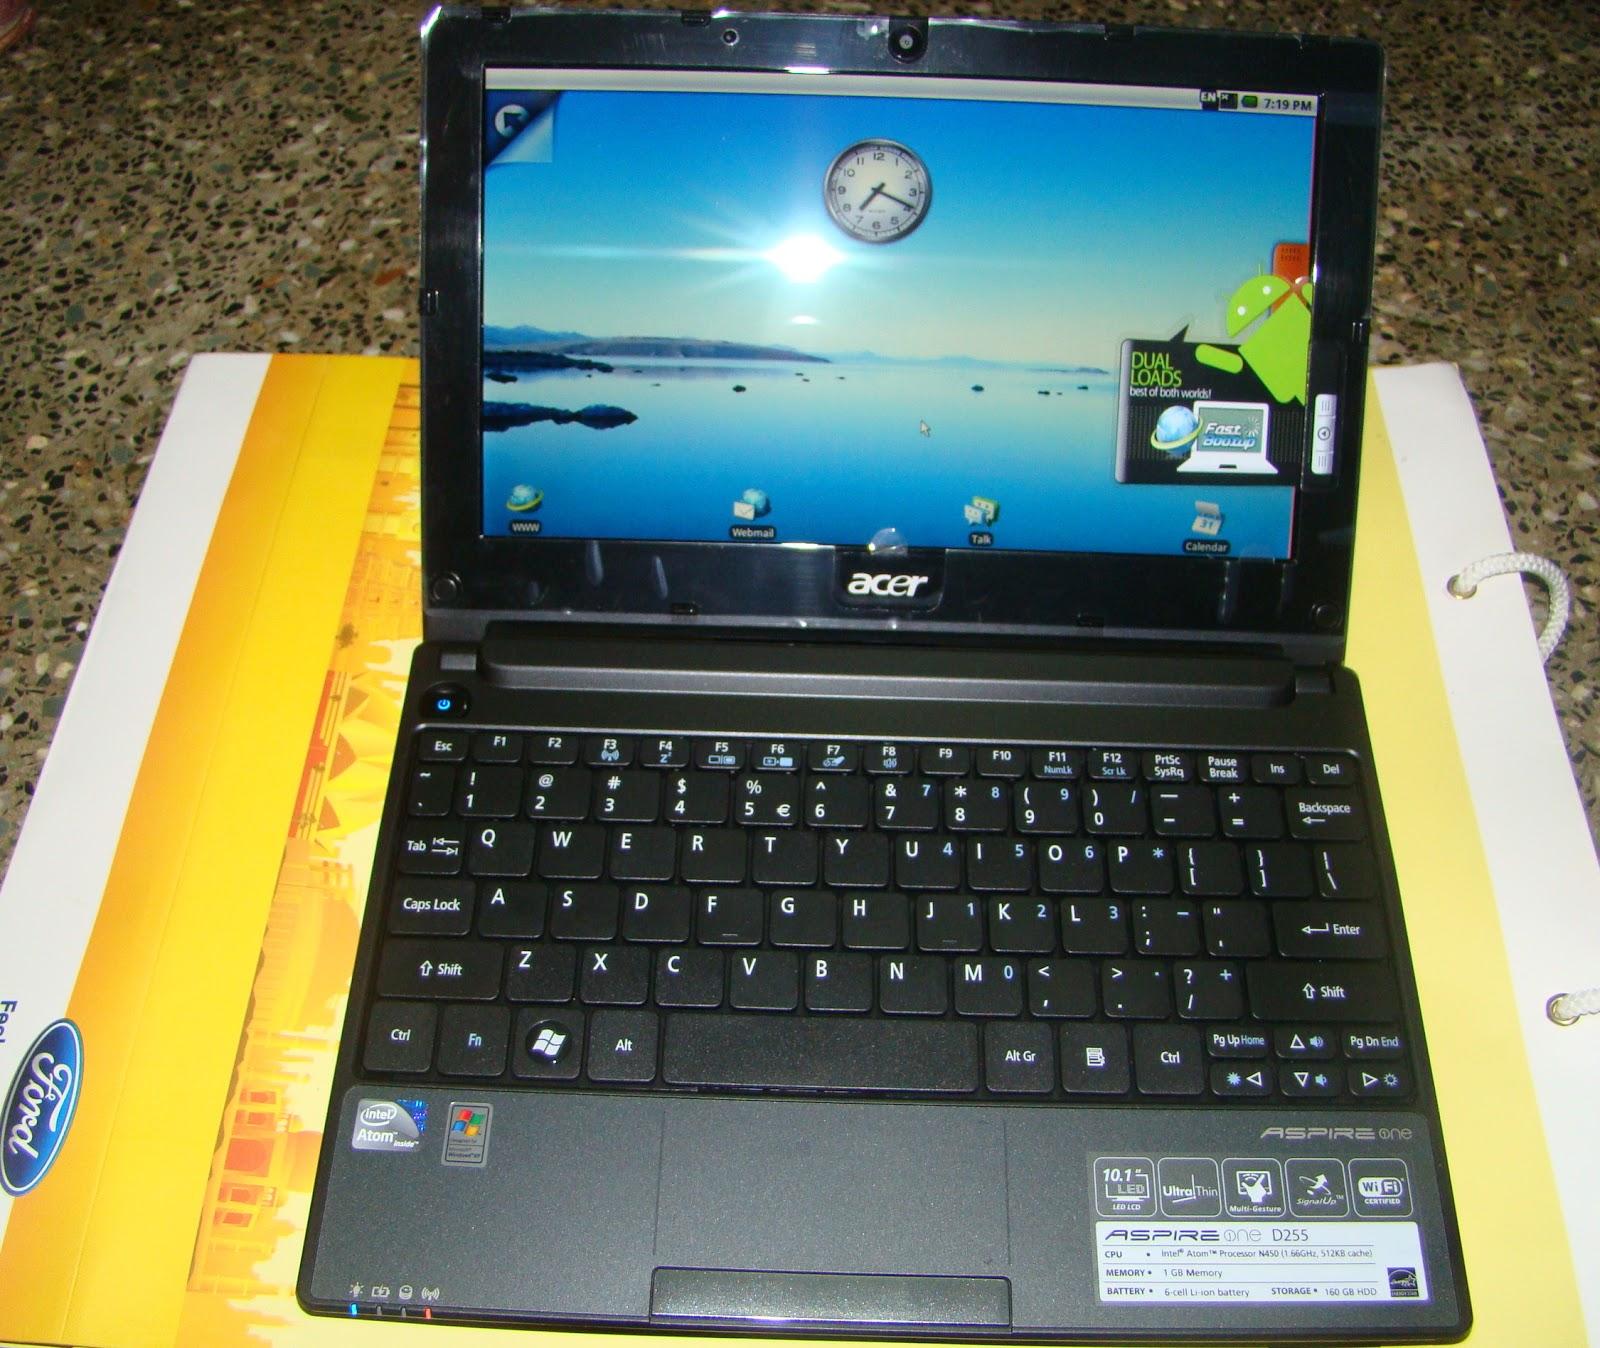 http://2.bp.blogspot.com/_z_BPo98TPjs/TNwOy9oStMI/AAAAAAAAOHM/Zxe9mGpF_l0/s1600/acer-netbook-android-os.JPG